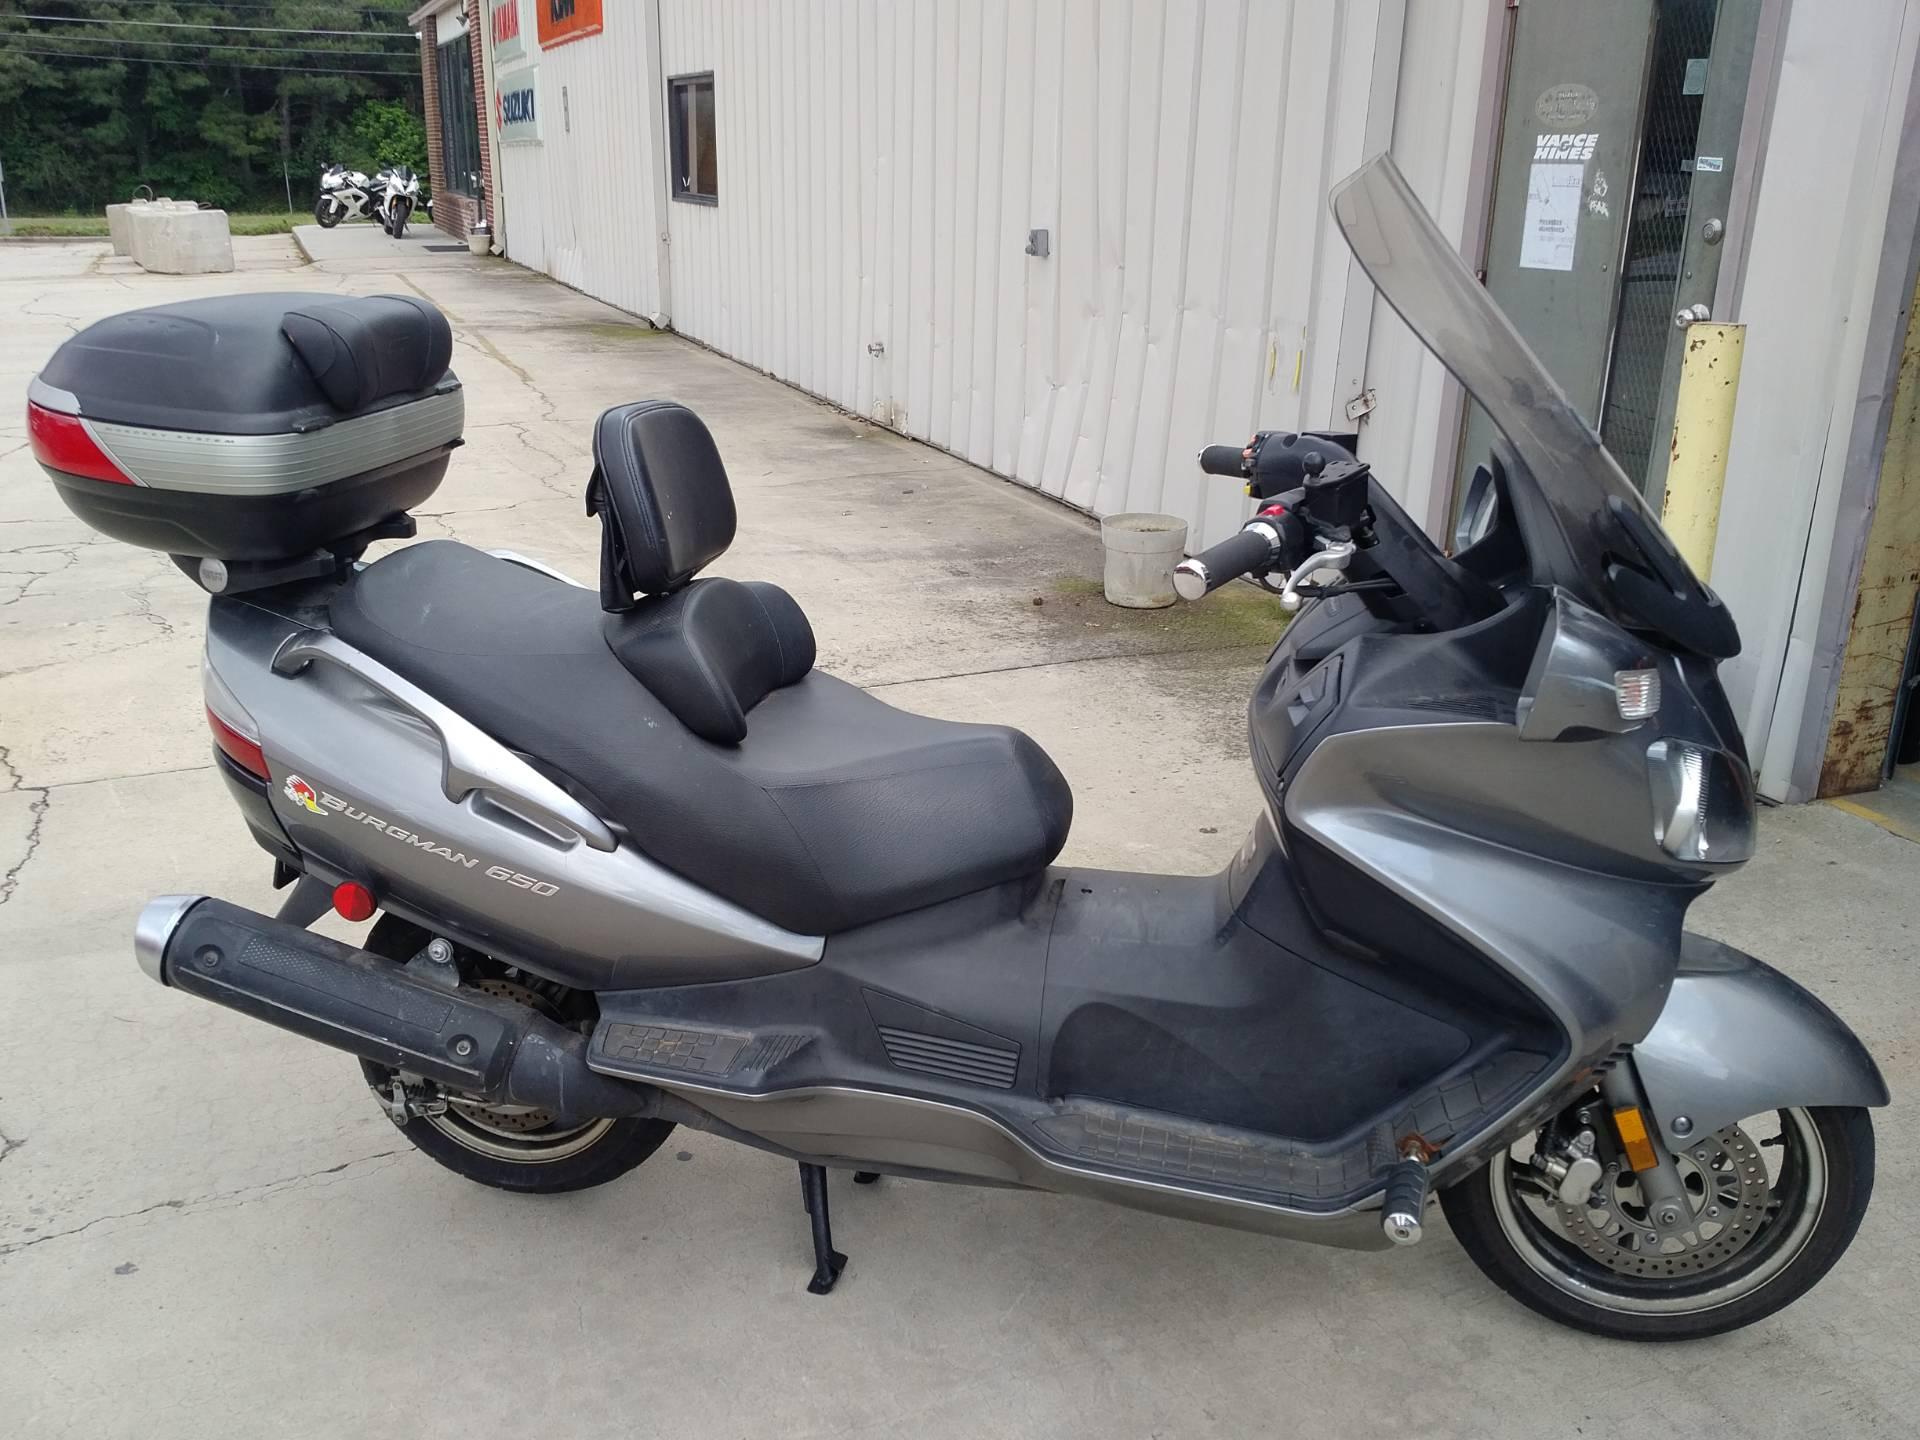 2006 Burgman 650